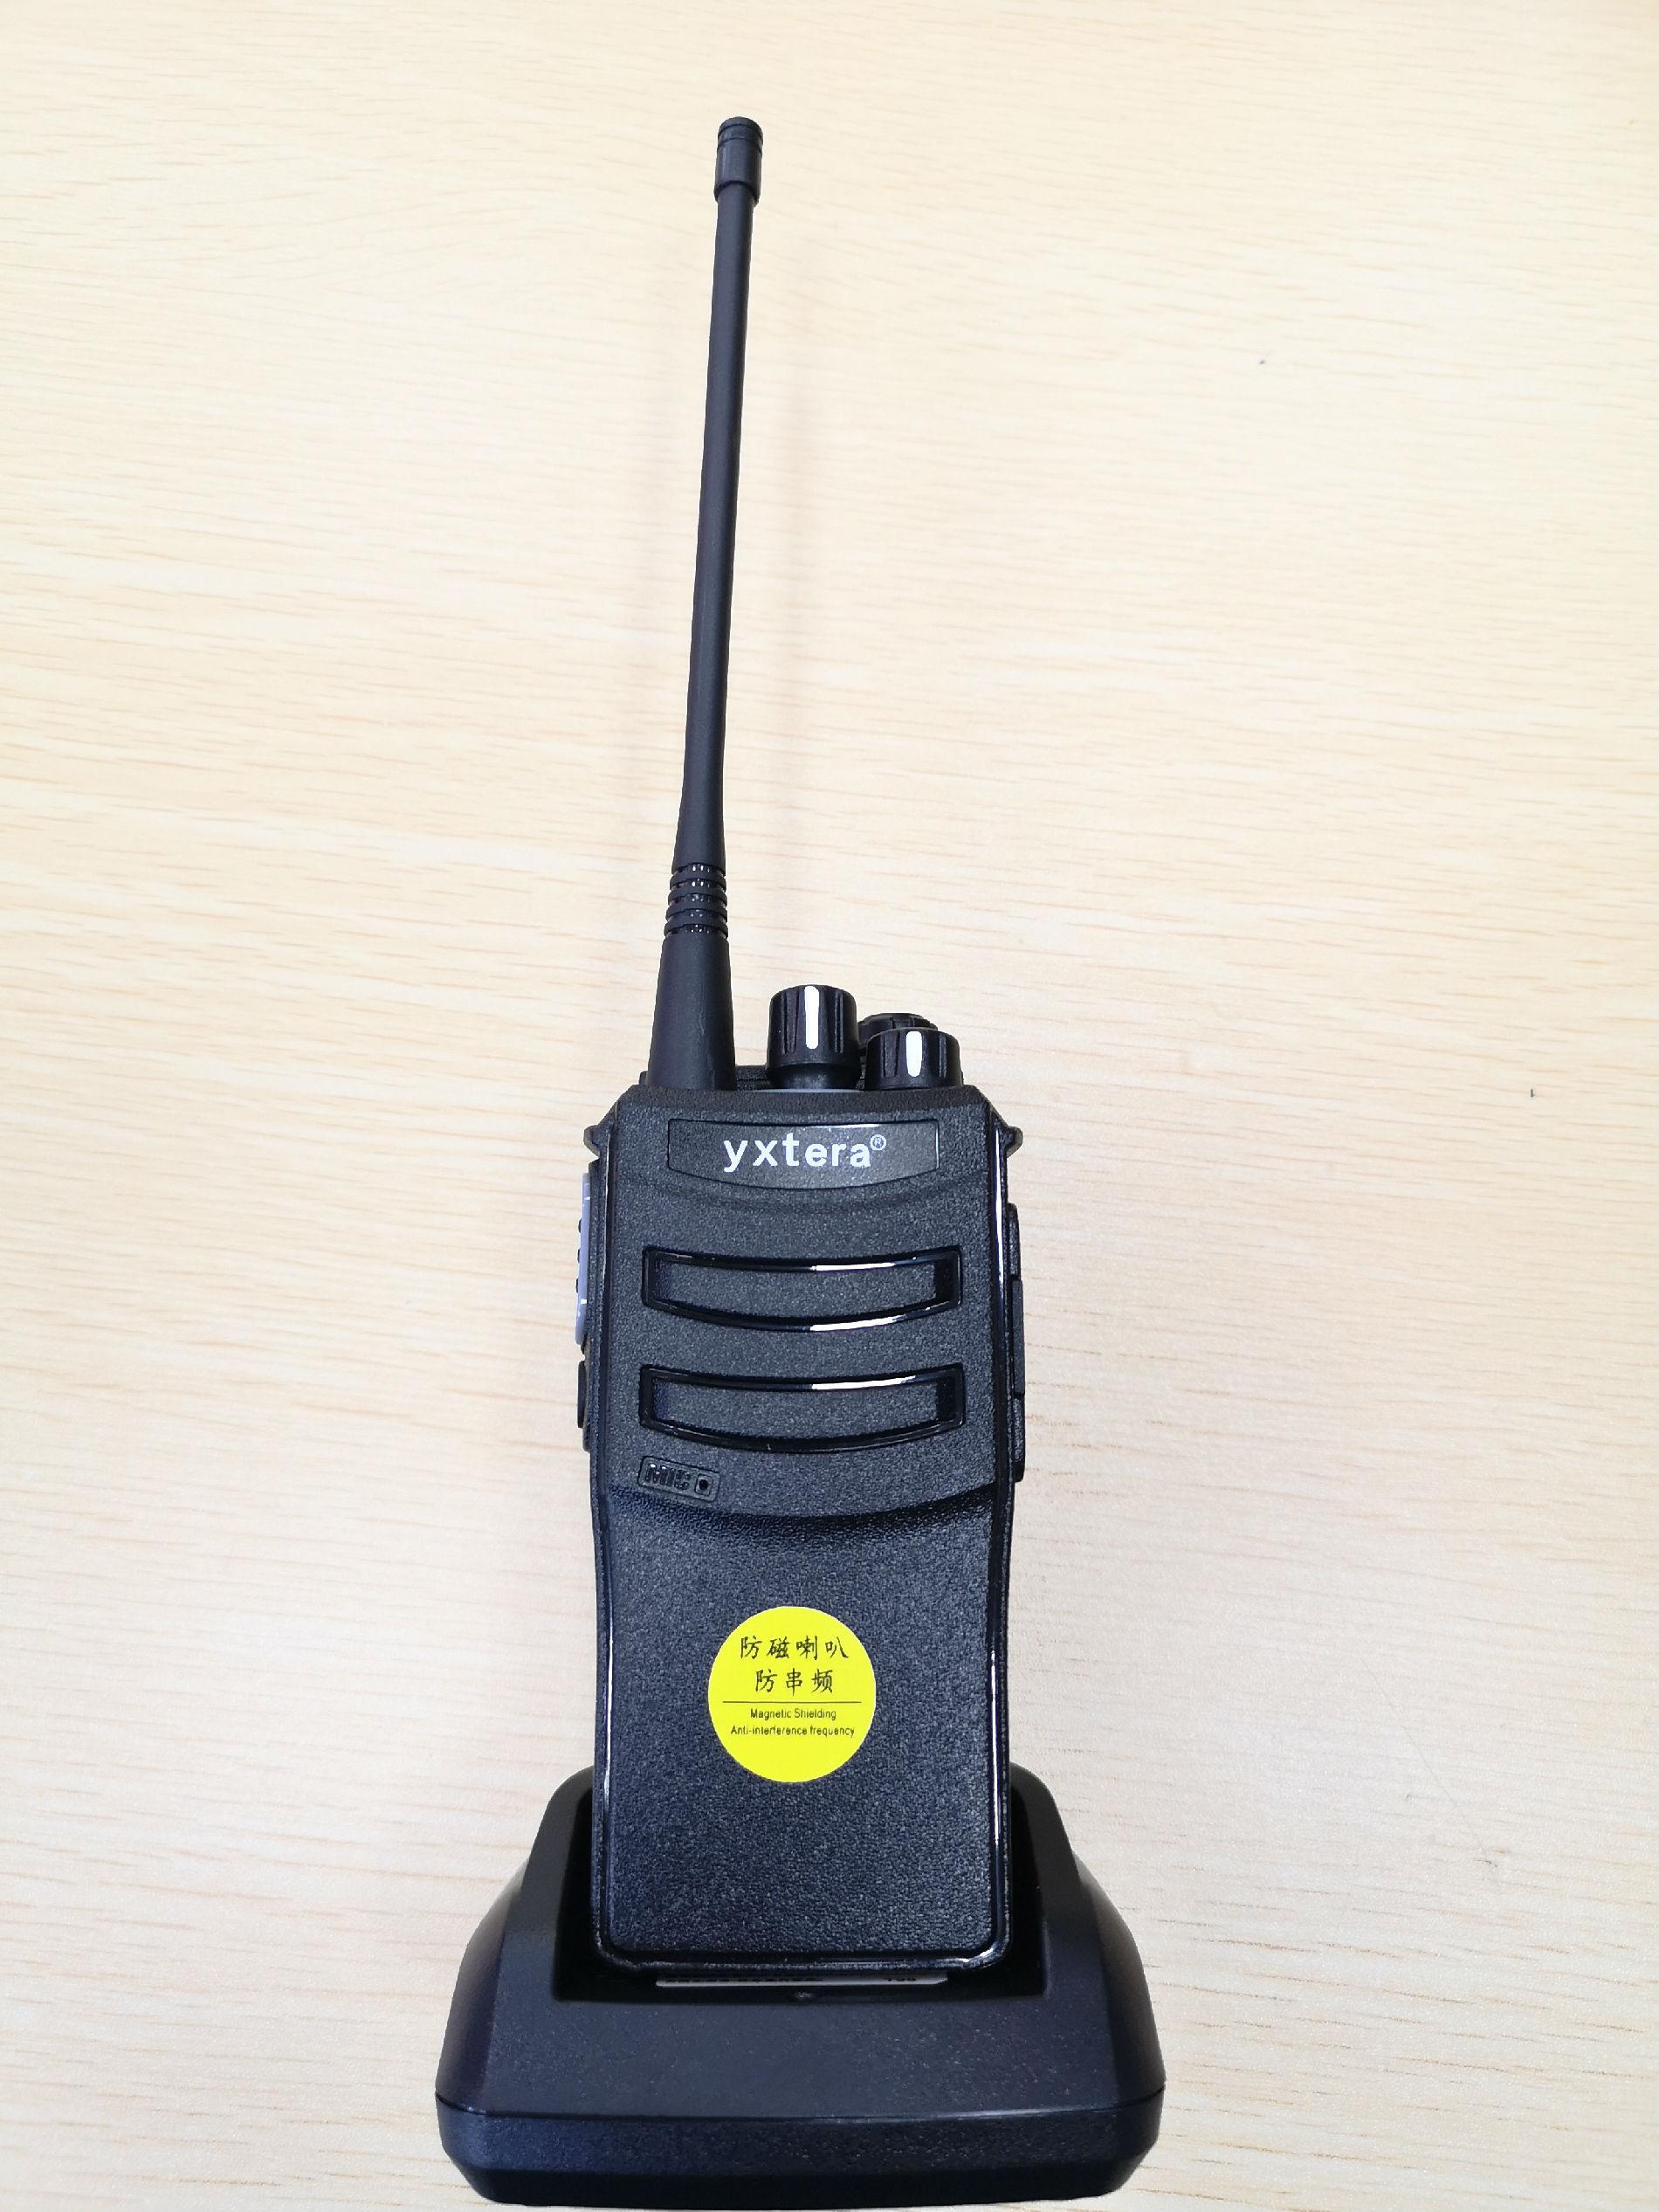 深圳对讲机公司,粤讯通N89高品质专业无线对讲机